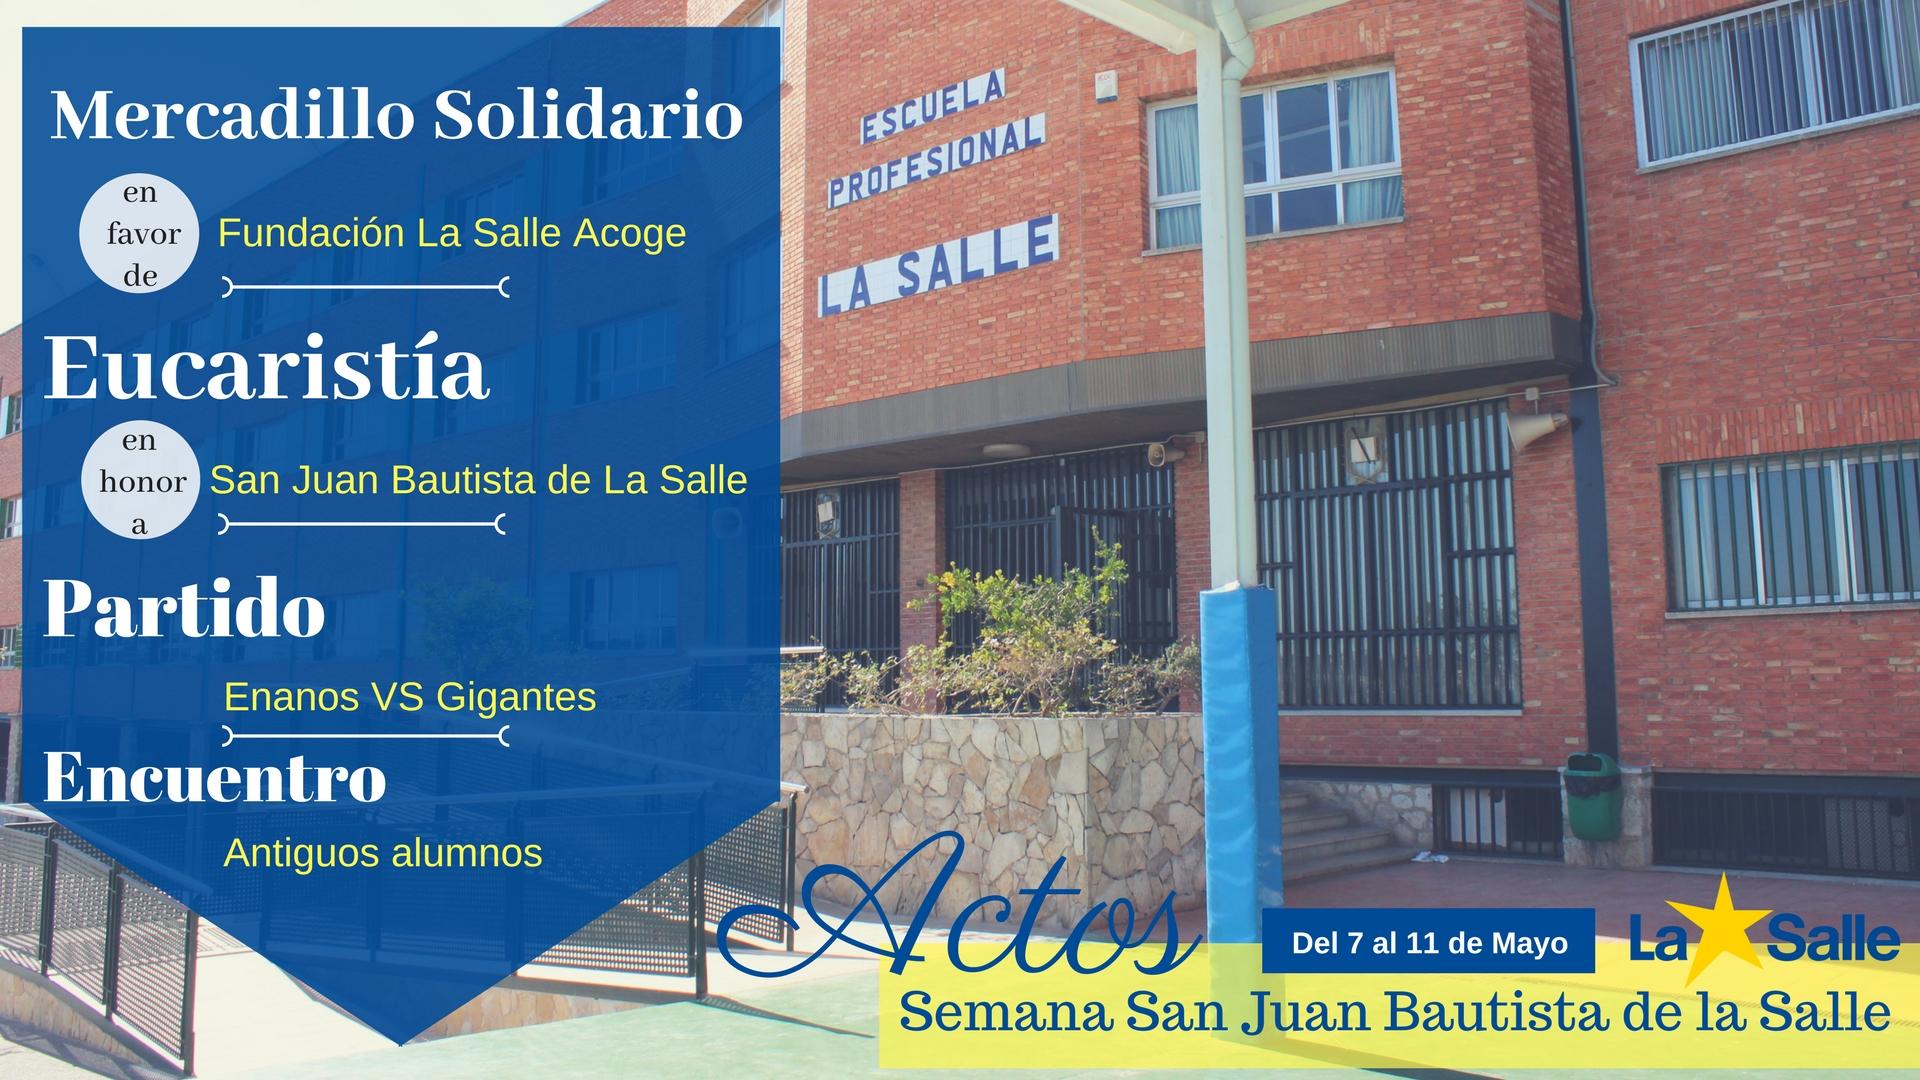 Semana San Juan Bautista de La Salle